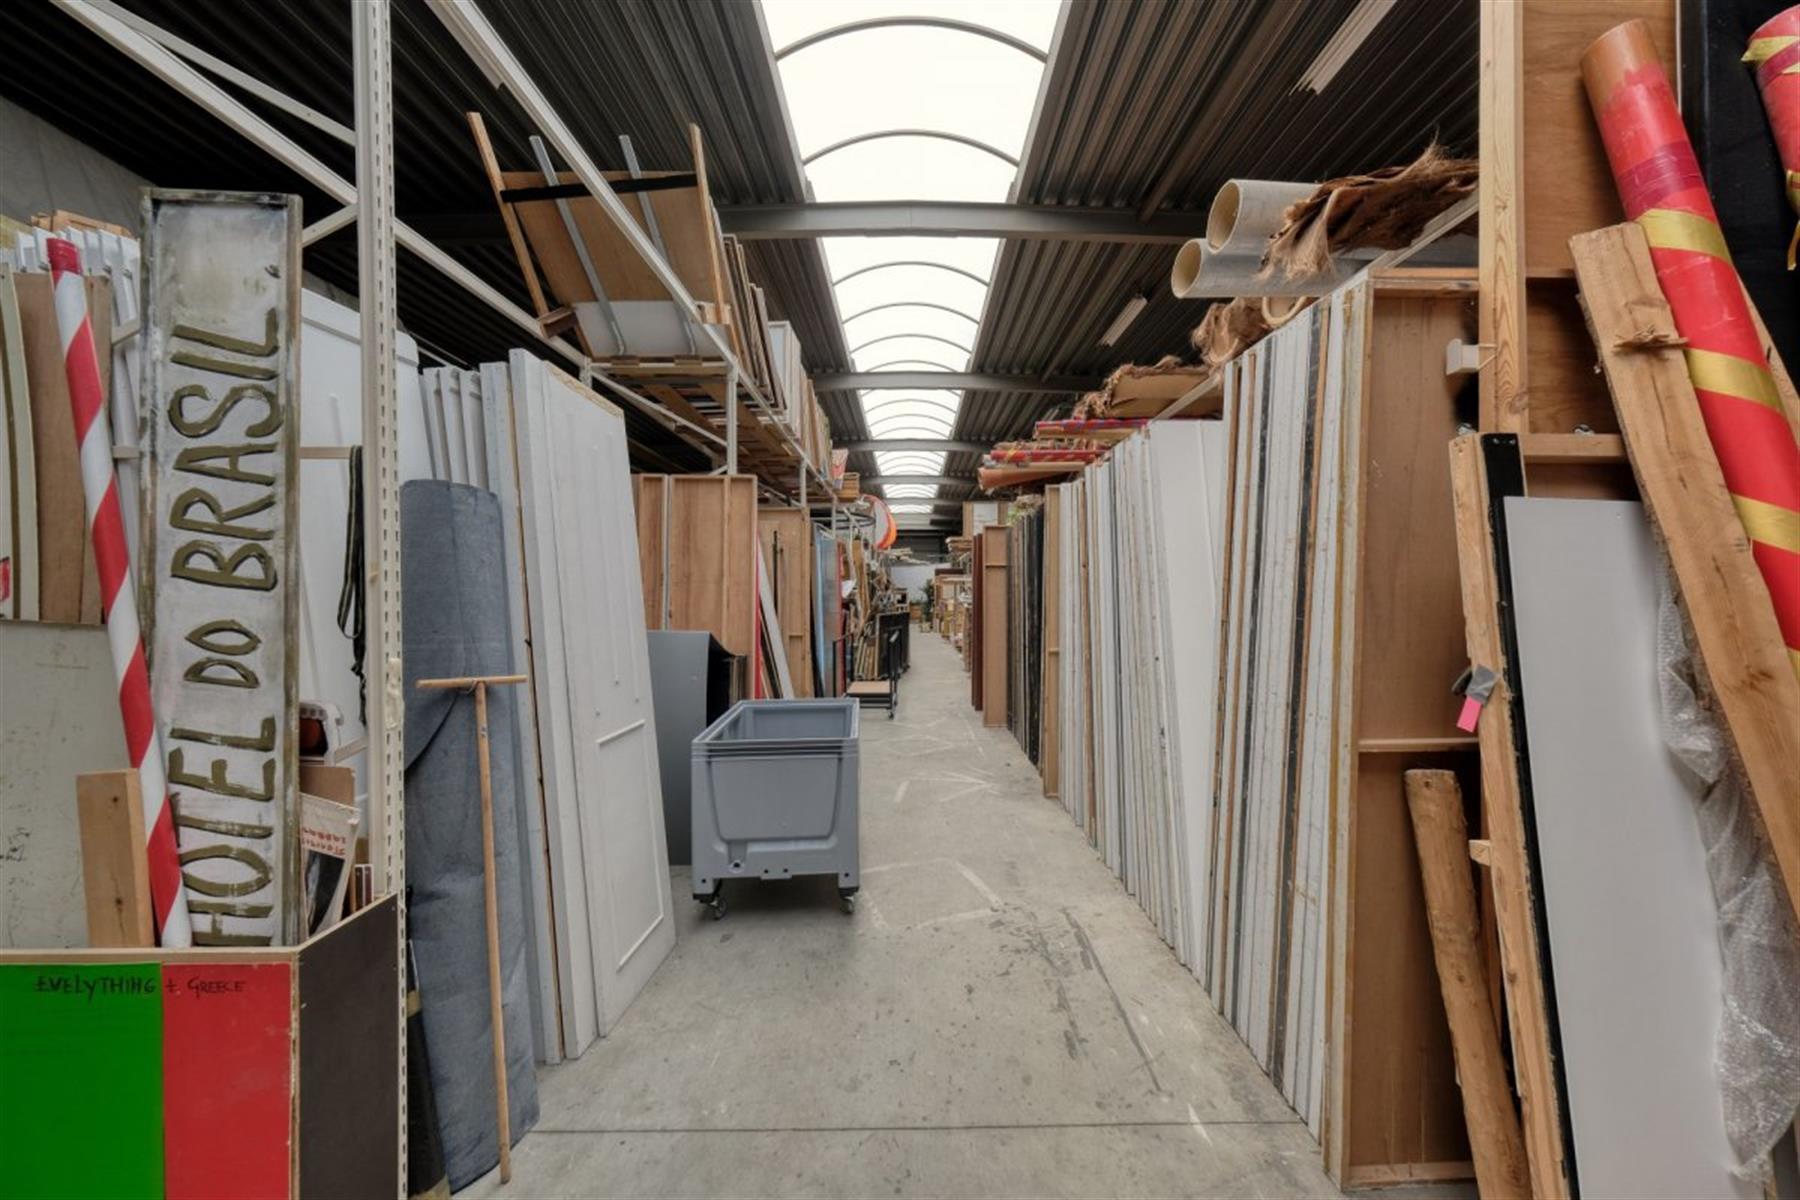 kantoren & magazijn te koop I123 - Magazijn met kantoorruimte - Centrum-Zuid 3203, 3530 Houthalen-Helchteren, België 8